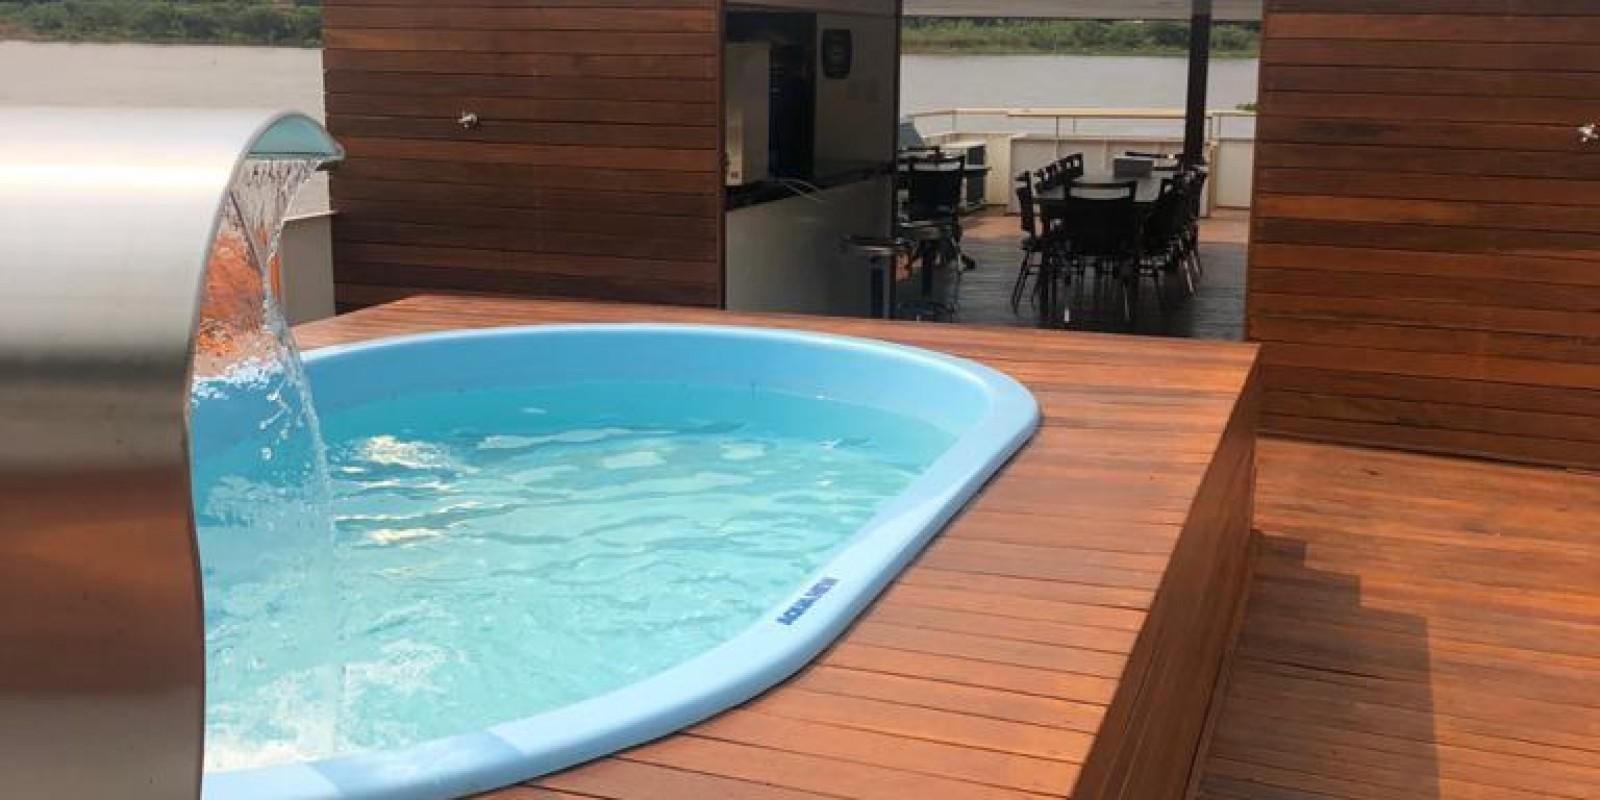 Barco Hotel Paola I - Corumbá - 24 pessoas - Foto 8 de 10